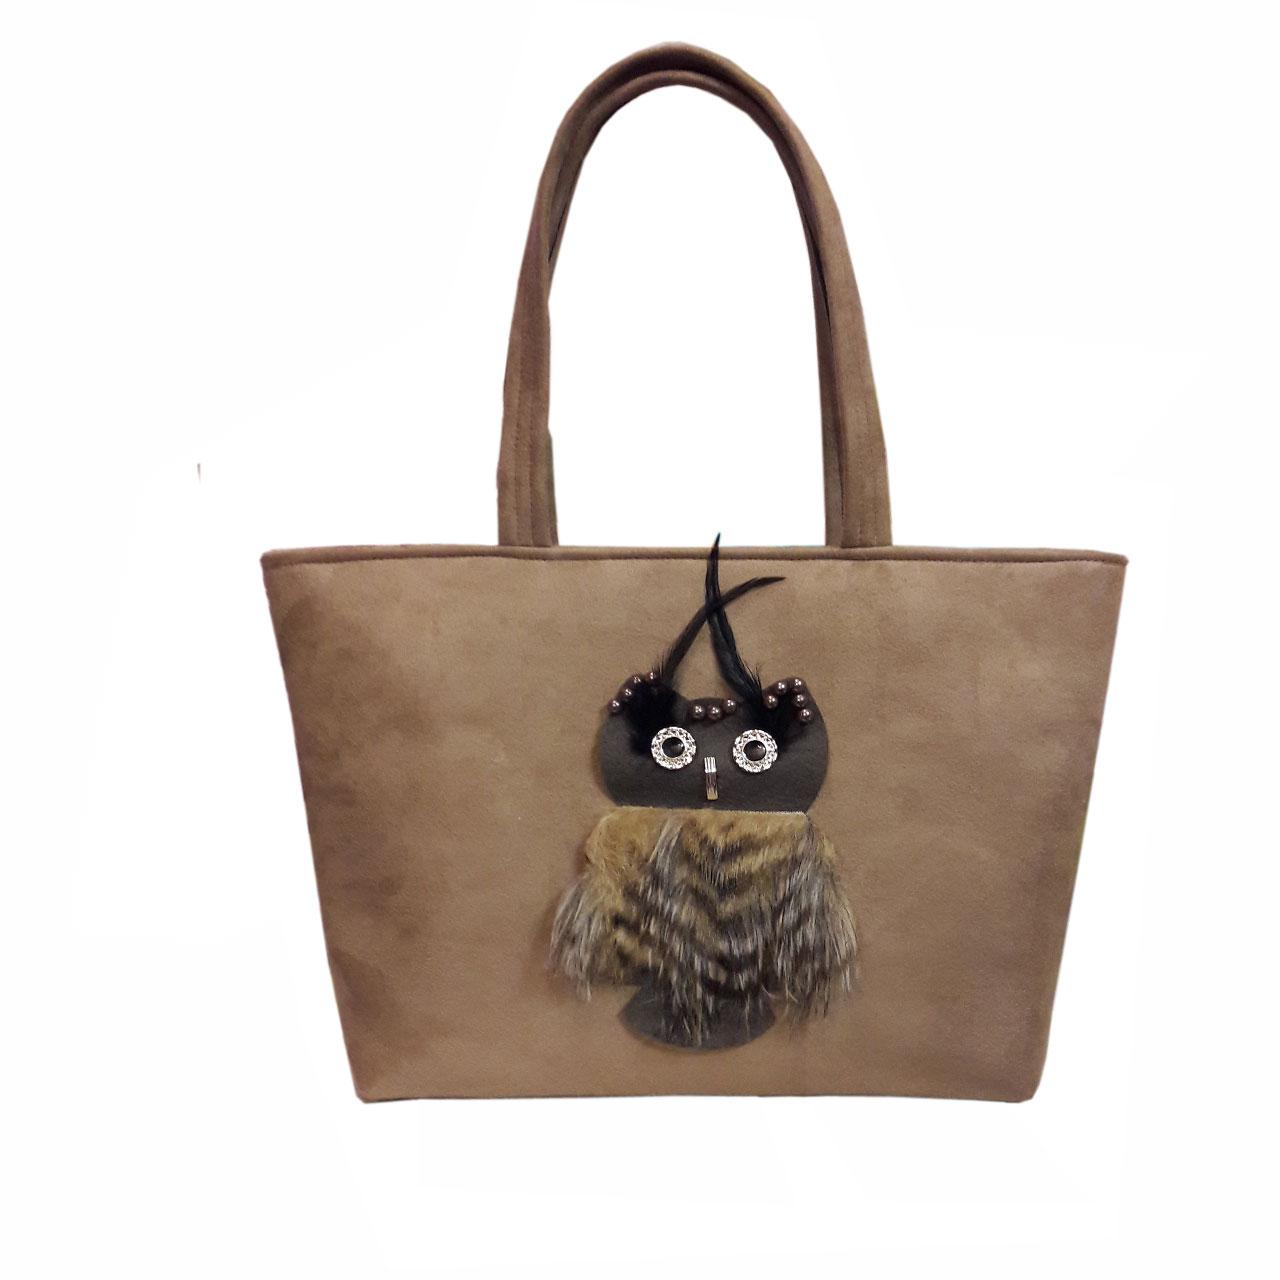 کیف رودوشی زنانه مدل owl